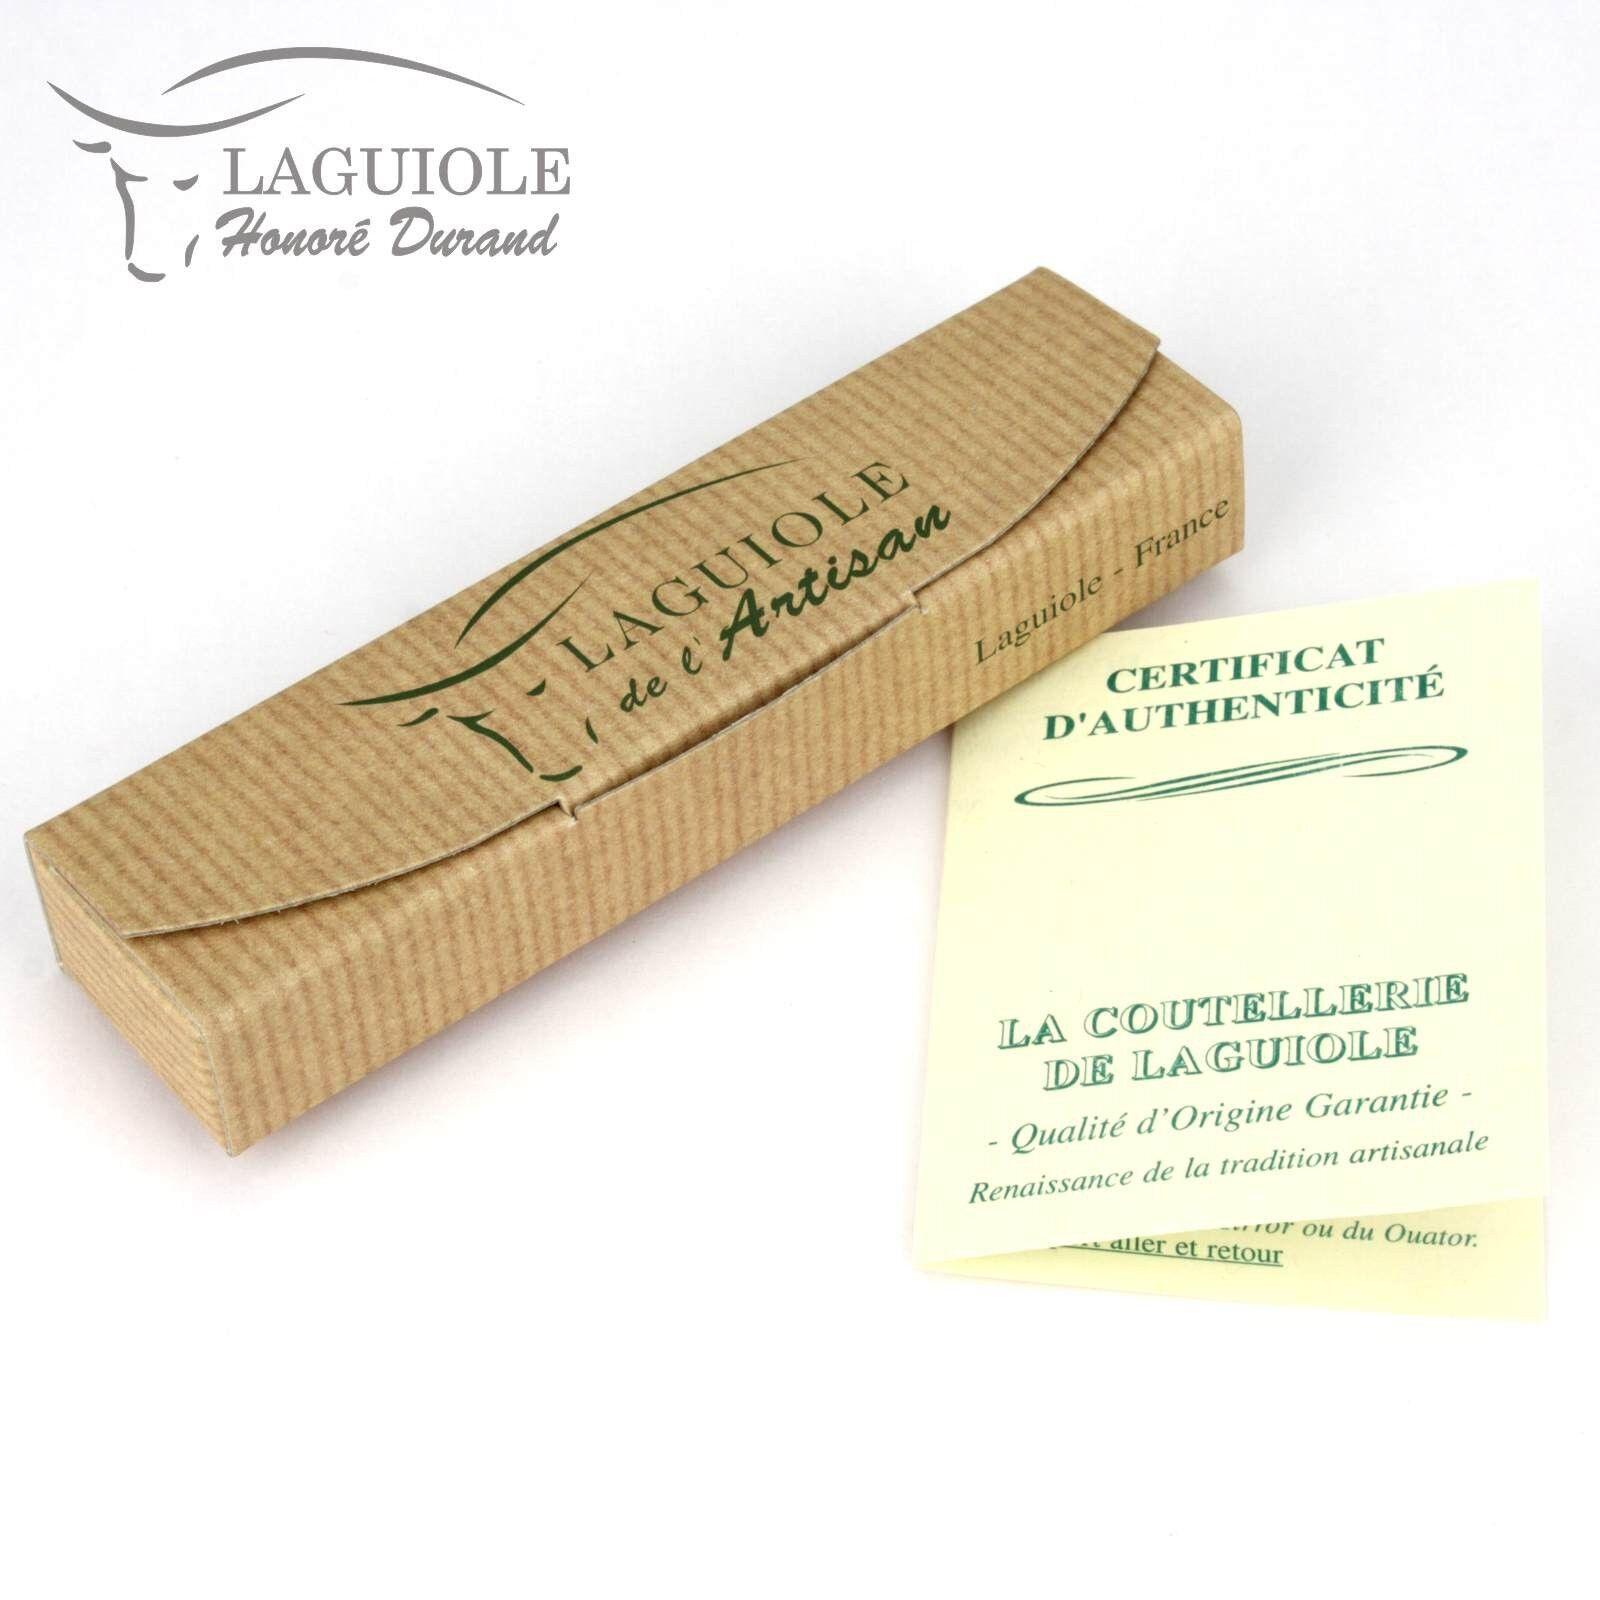 Laguiole Honoré Durand Taschenmesser 12cm Taschenmesser Durand - Hornspitze - Pilger Messer Jakobsweg d1c7d5